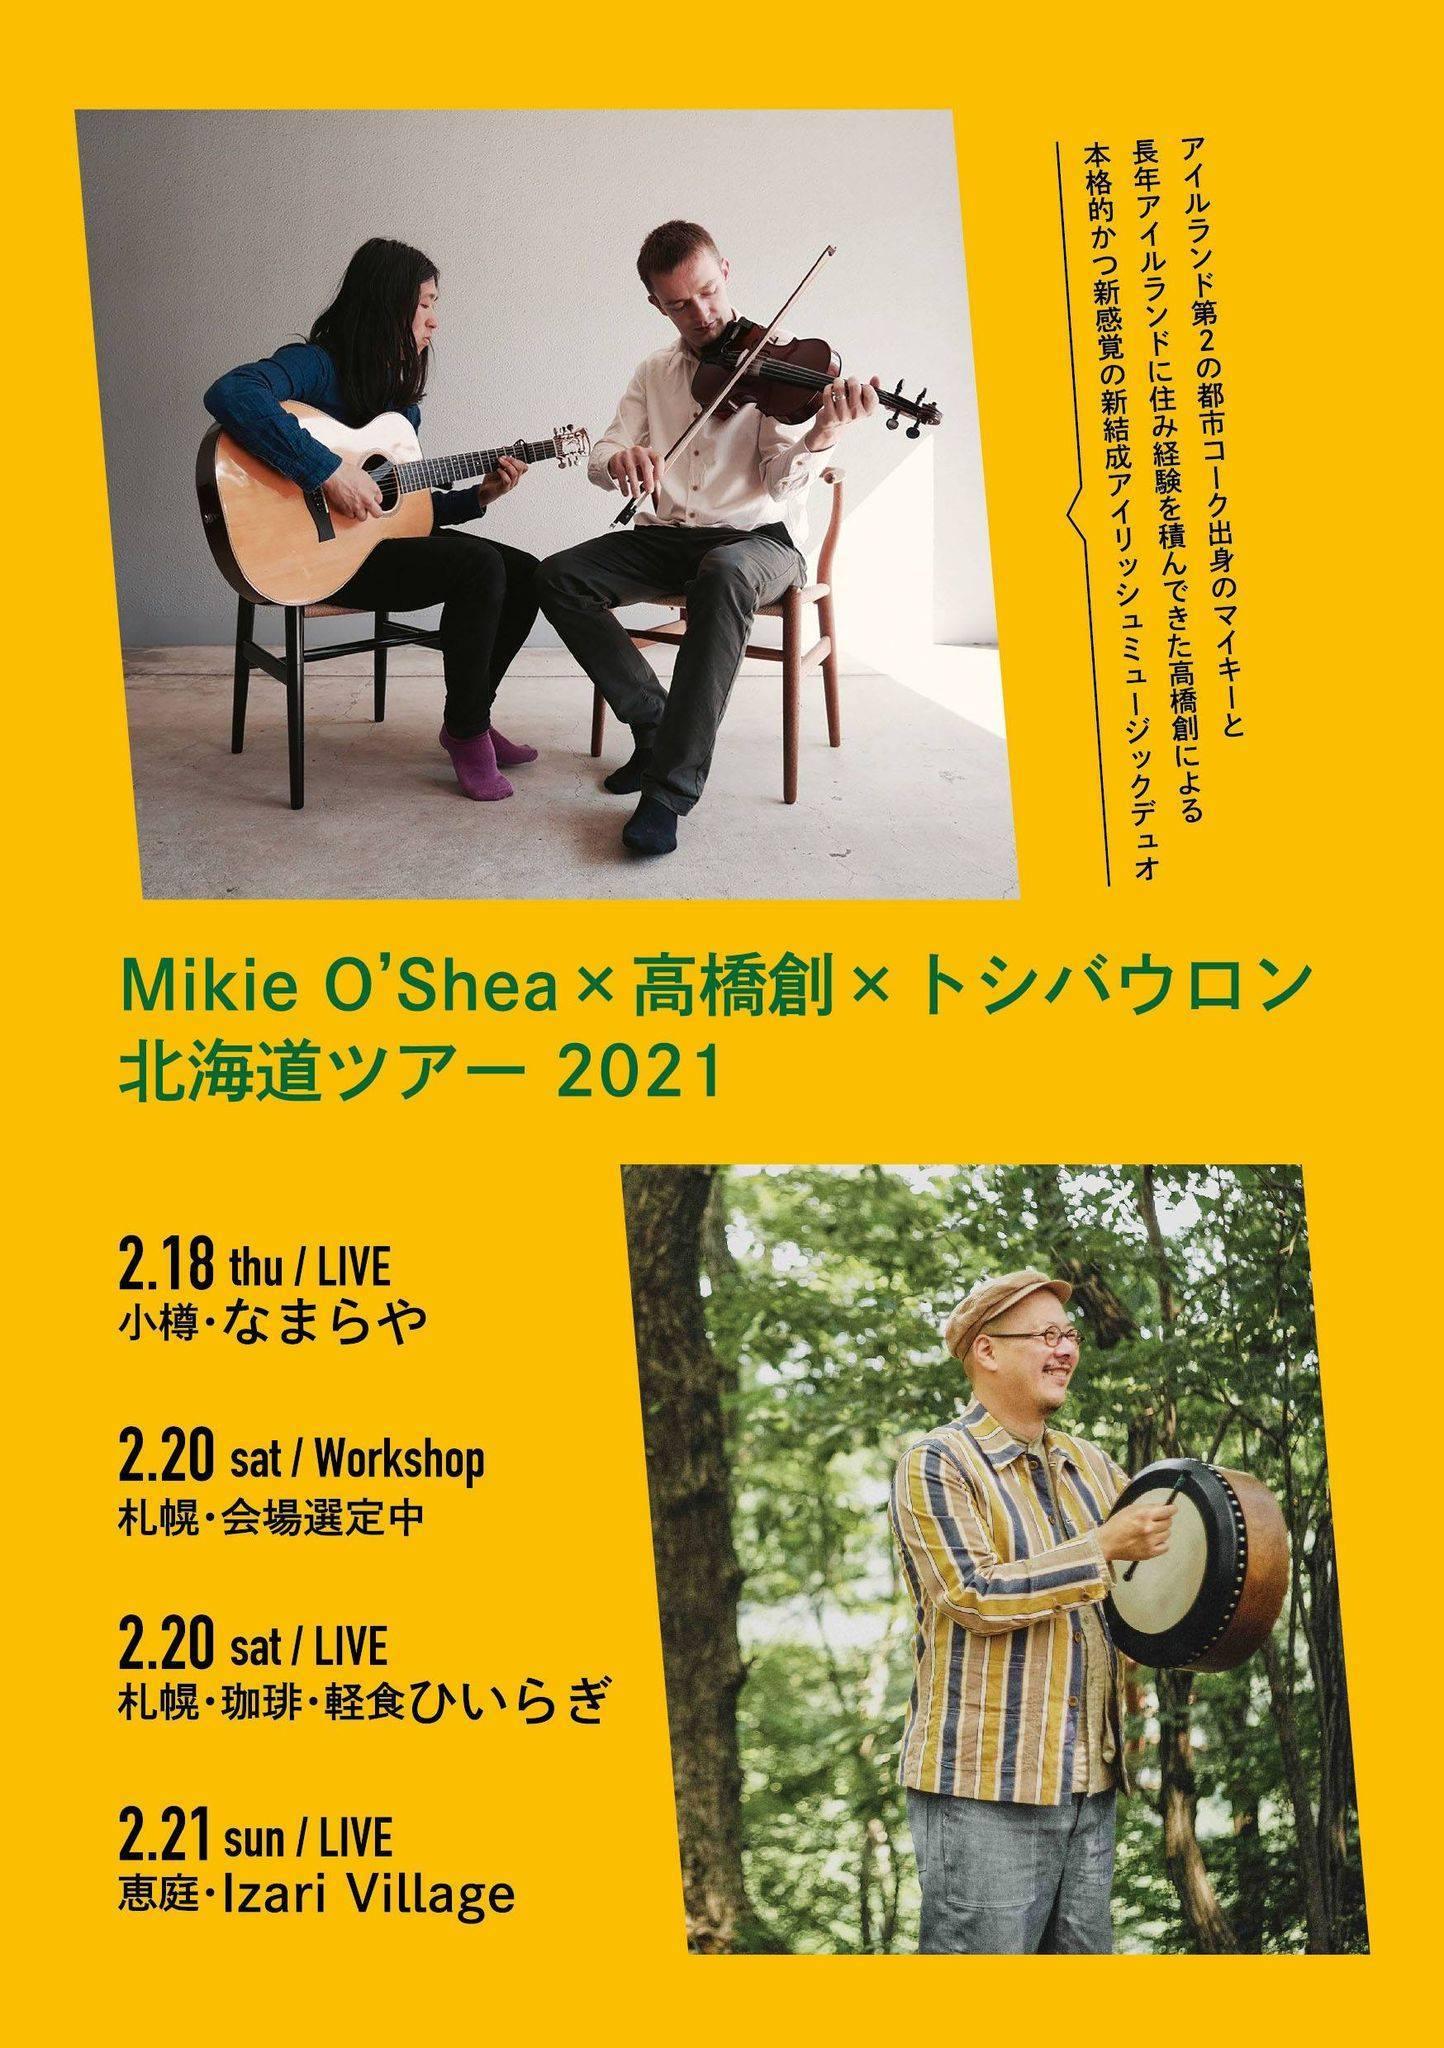 ◆2/18Mikie O'Shea × 高橋創× トシバウロン 北海道ツアー_d0154687_17481295.jpg